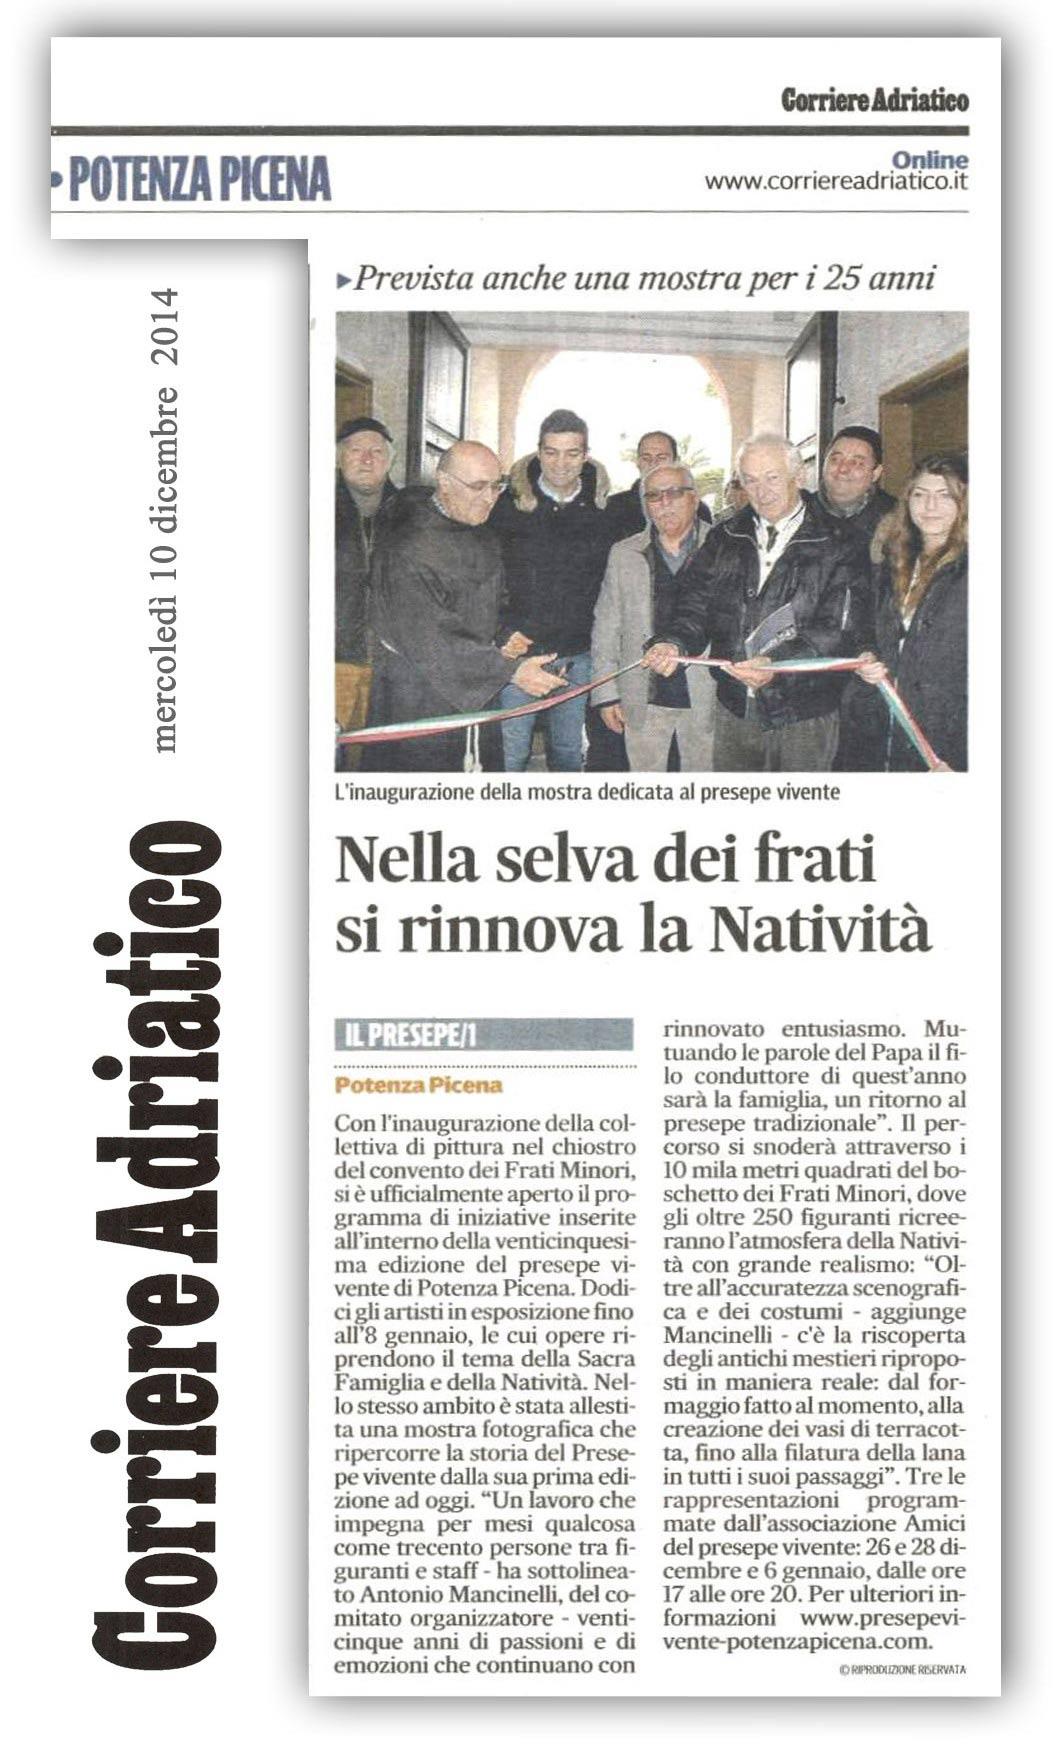 01b---Il-Corriere-Adriatico-10.12.2014